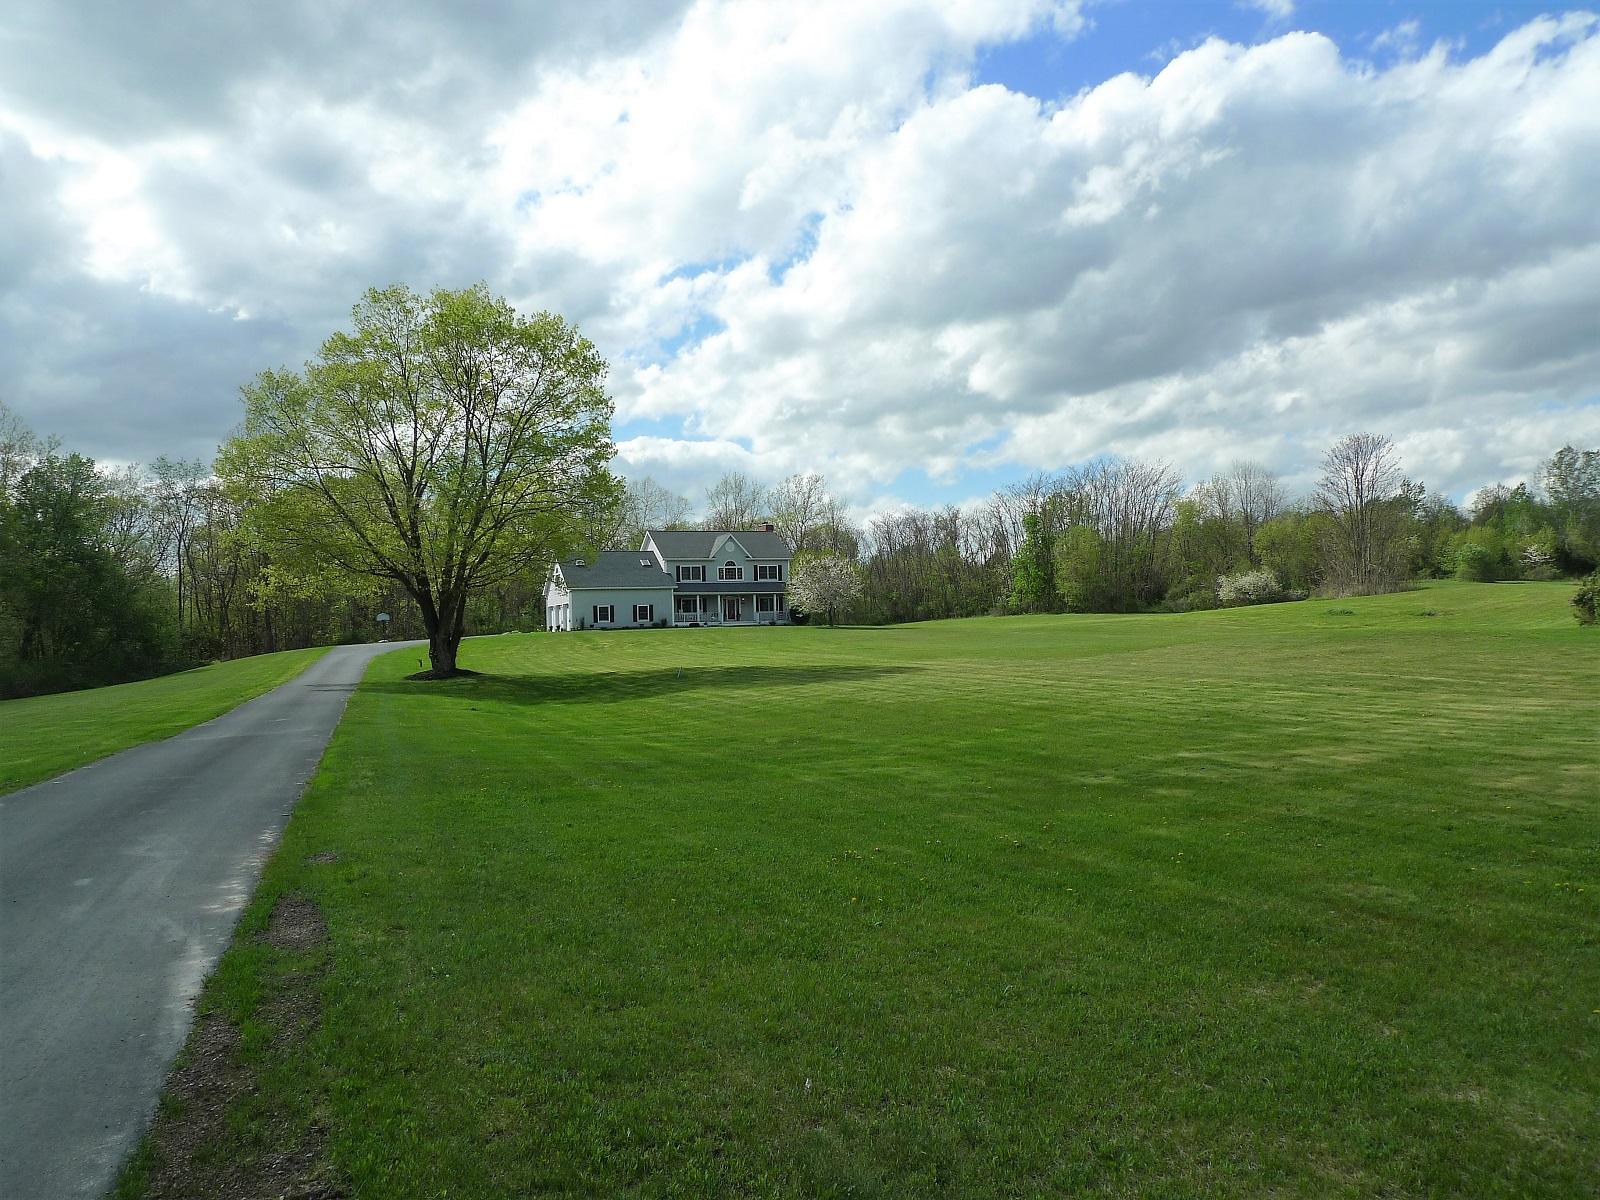 Частный односемейный дом для того Продажа на Custom Built Colonial in Hyde Park 148 Cream Street Poughkeepsie, Нью-Йорк 12601 Соединенные Штаты